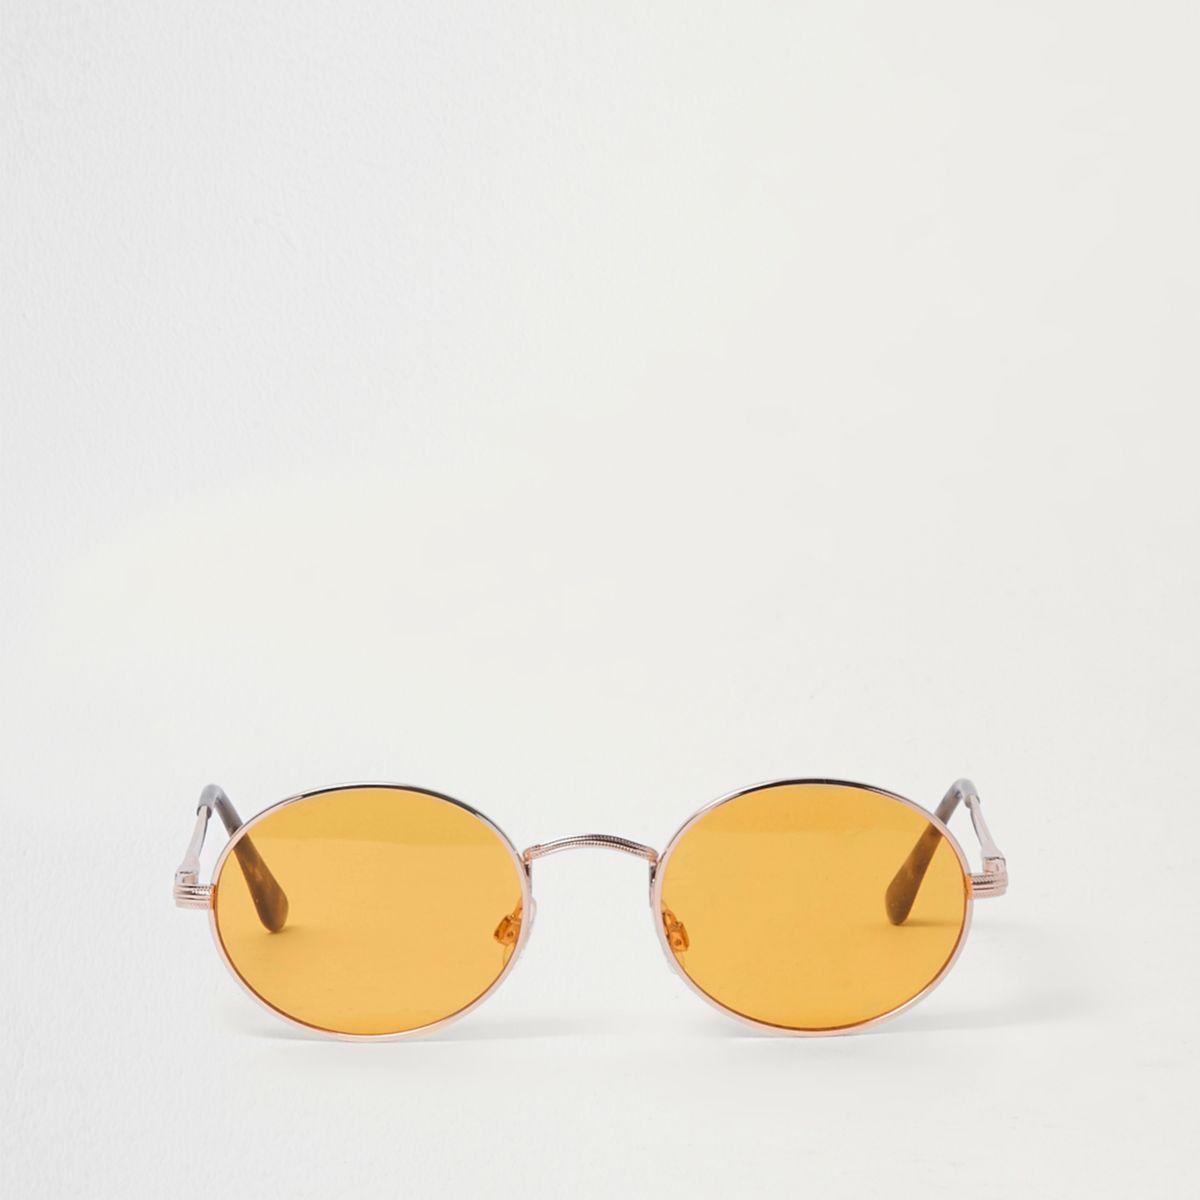 River Island Lunettes de soleil dorées ovales à verres jaunes FEScIdJ73